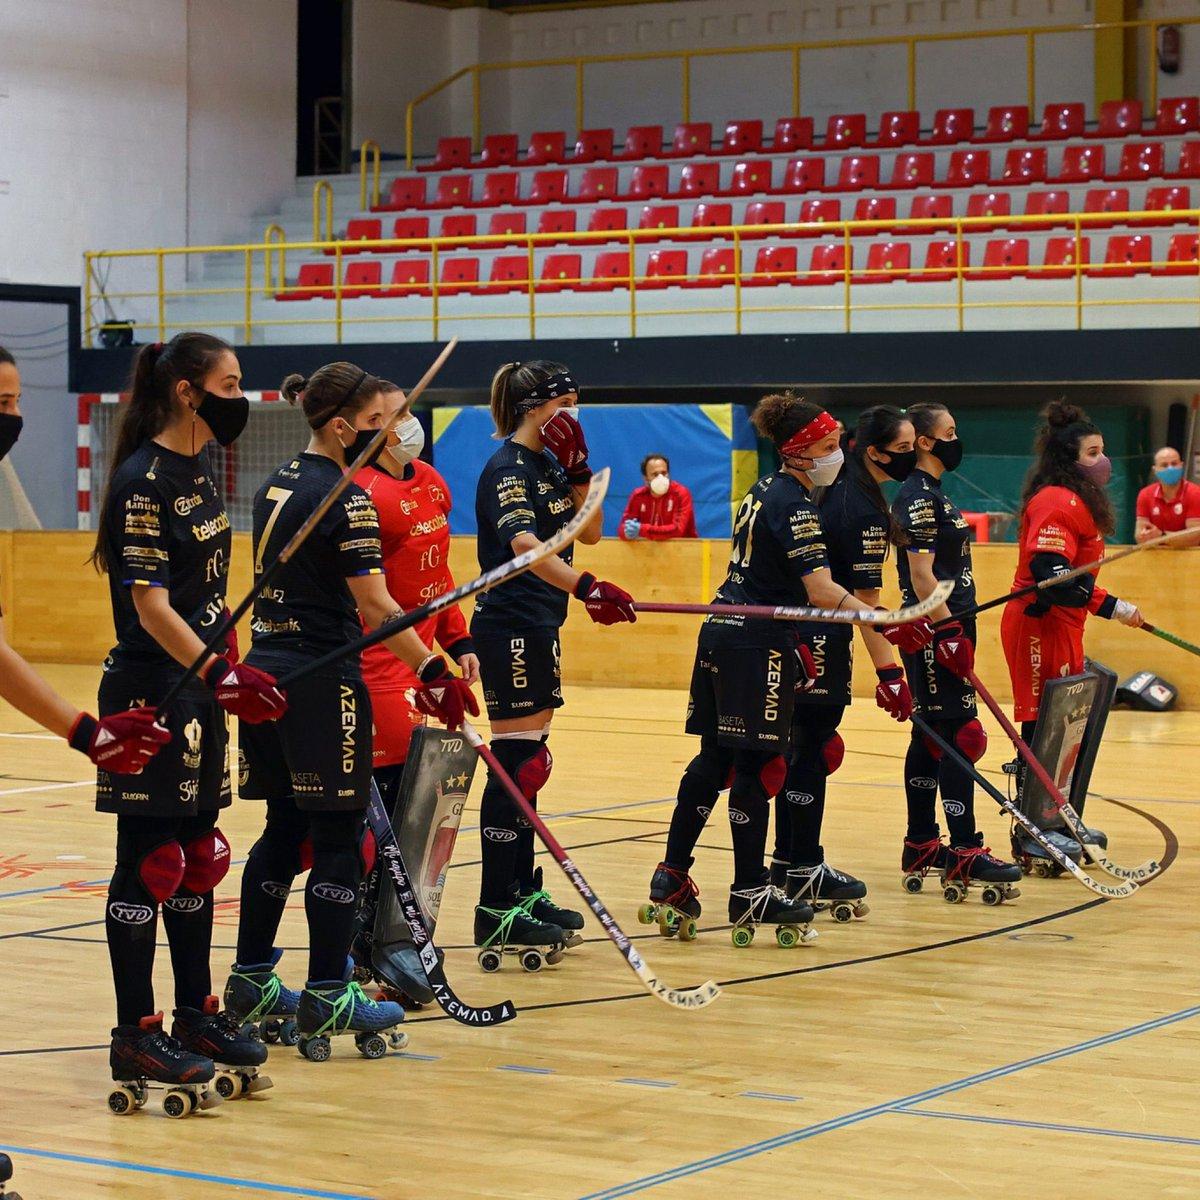 👉 El @gijonhc recibe al Alcorcón en Mata Jove   🖥️ Enlace para ver el encuentro  🔗 https://t.co/zDHifrd8ST  #deporte #hockey #patines #tododeporte #asturias https://t.co/zOOVn7uXRa